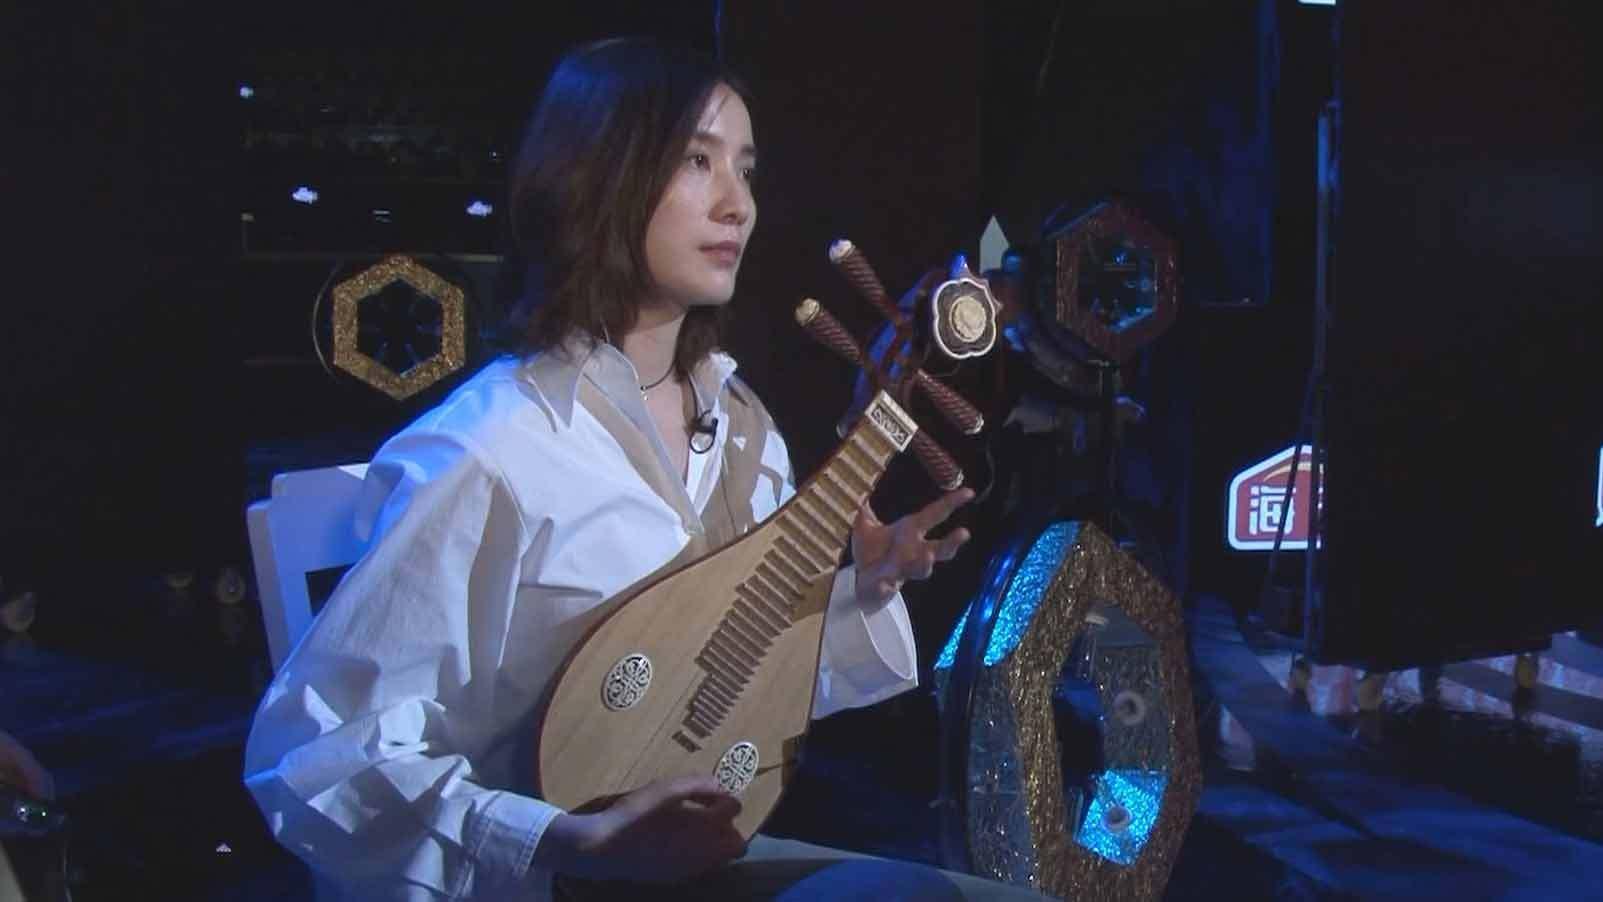 《每日文娱播报》20200315影视圈冷门技能:宋佳弹柳琴